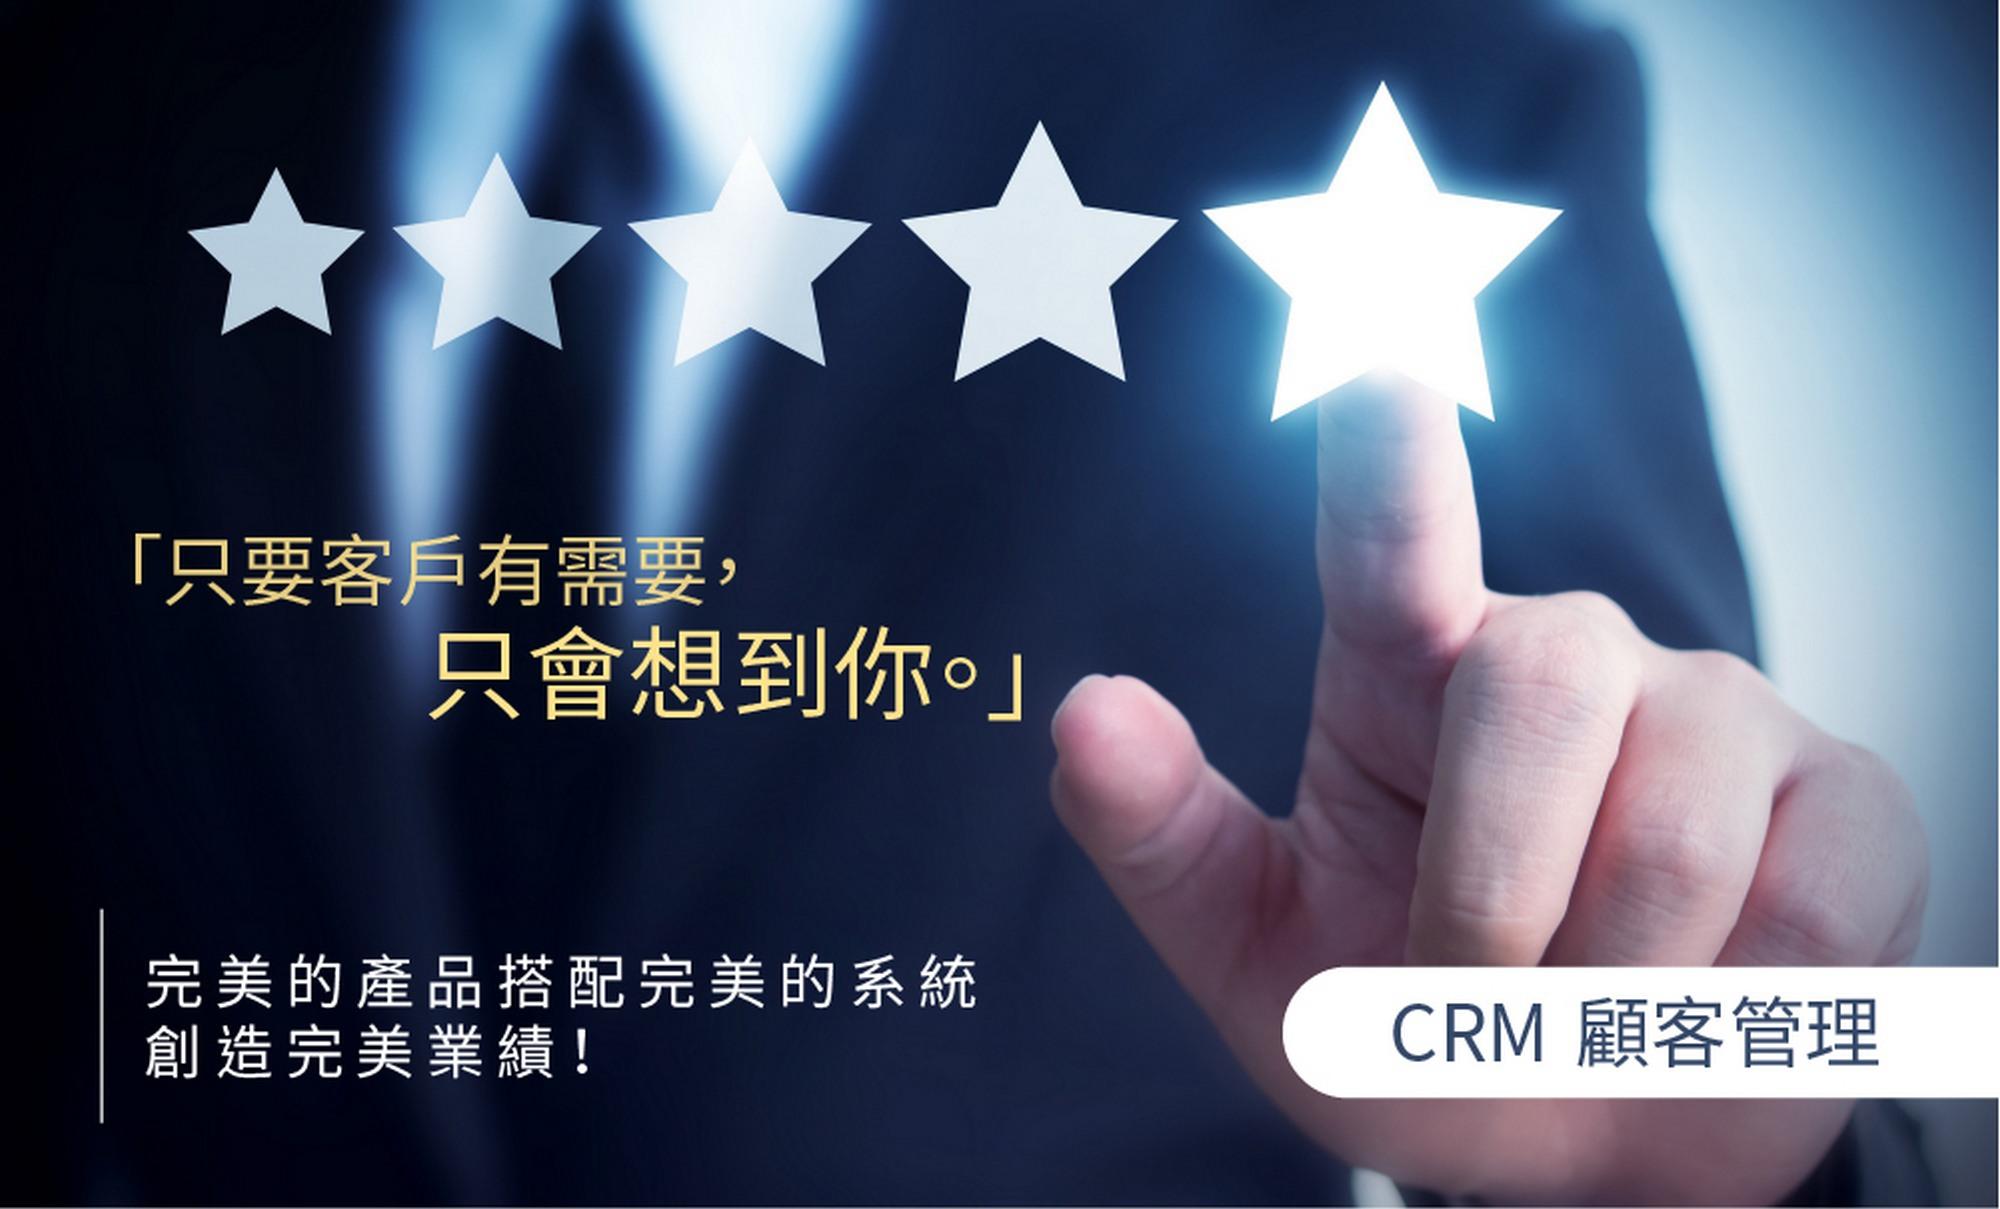 顧客管理,CRM,客戶管理,客戶關係管理,CRM系統,CRM管理,客資管理